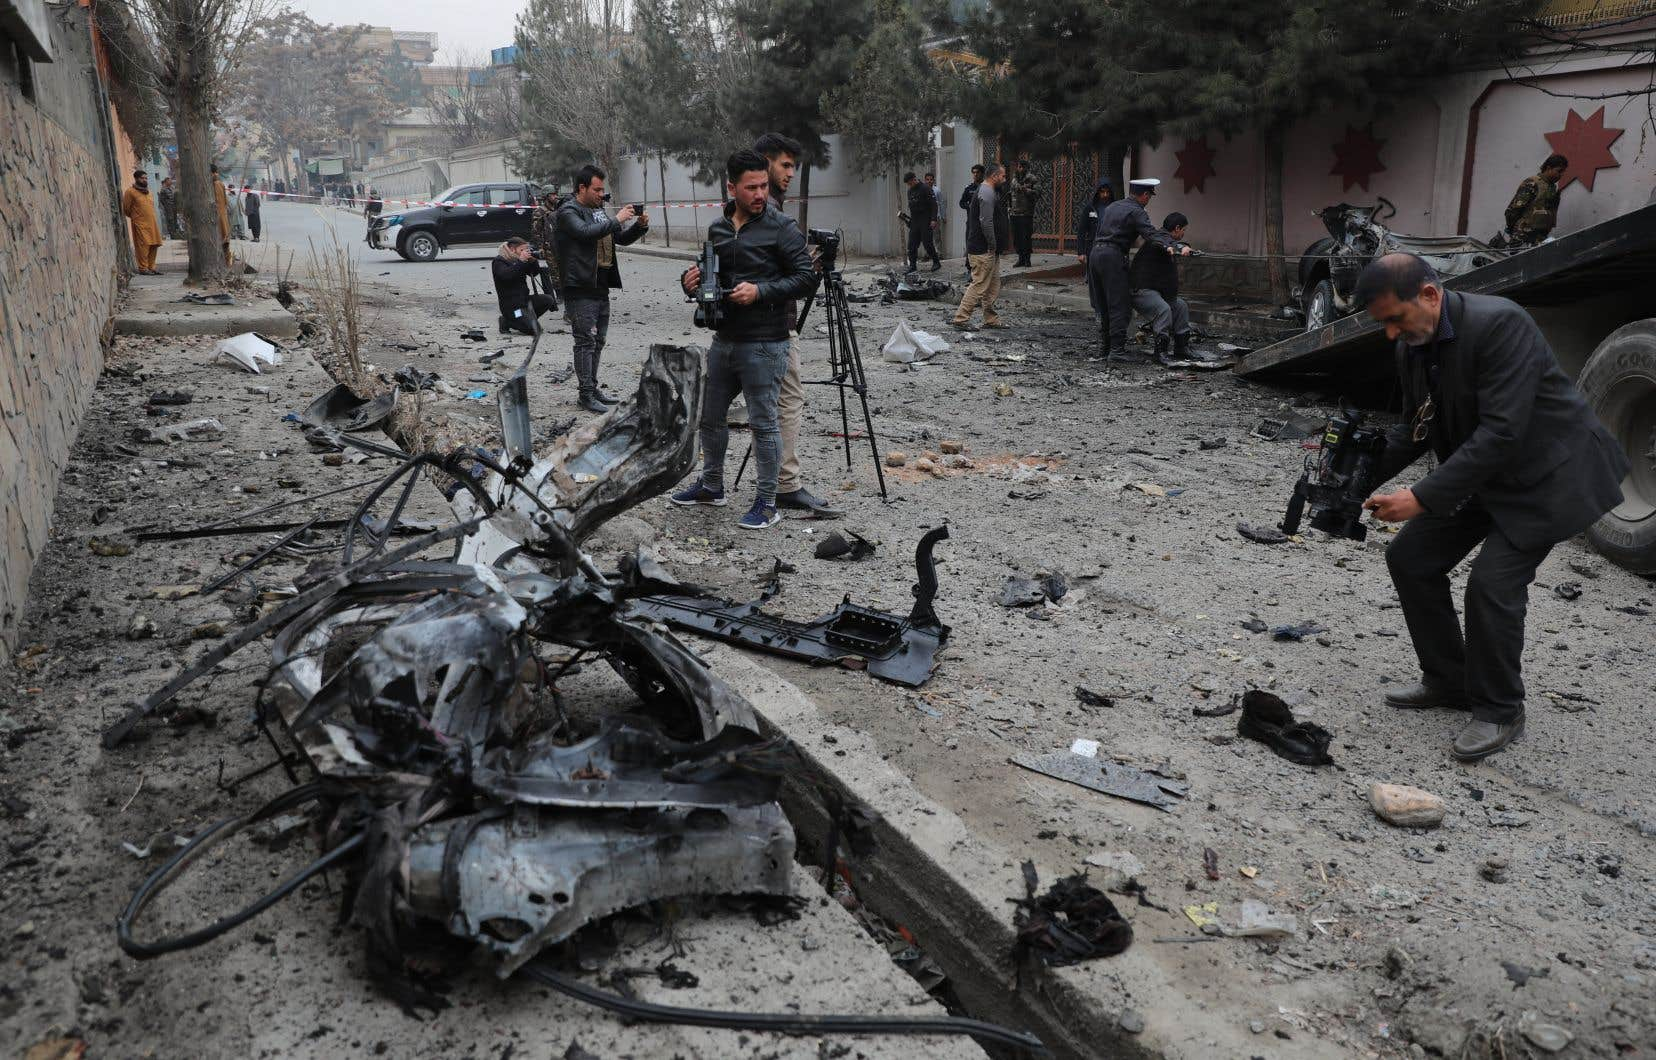 L'Afghanistan est depuis longtemps l'un des pays les plus dangereux pour les journalistes. Il est classé à la 122eplace sur 180 par Reporters sans Frontières (RSF) dans son dernier classement sur la liberté de la presse, publié en mai.